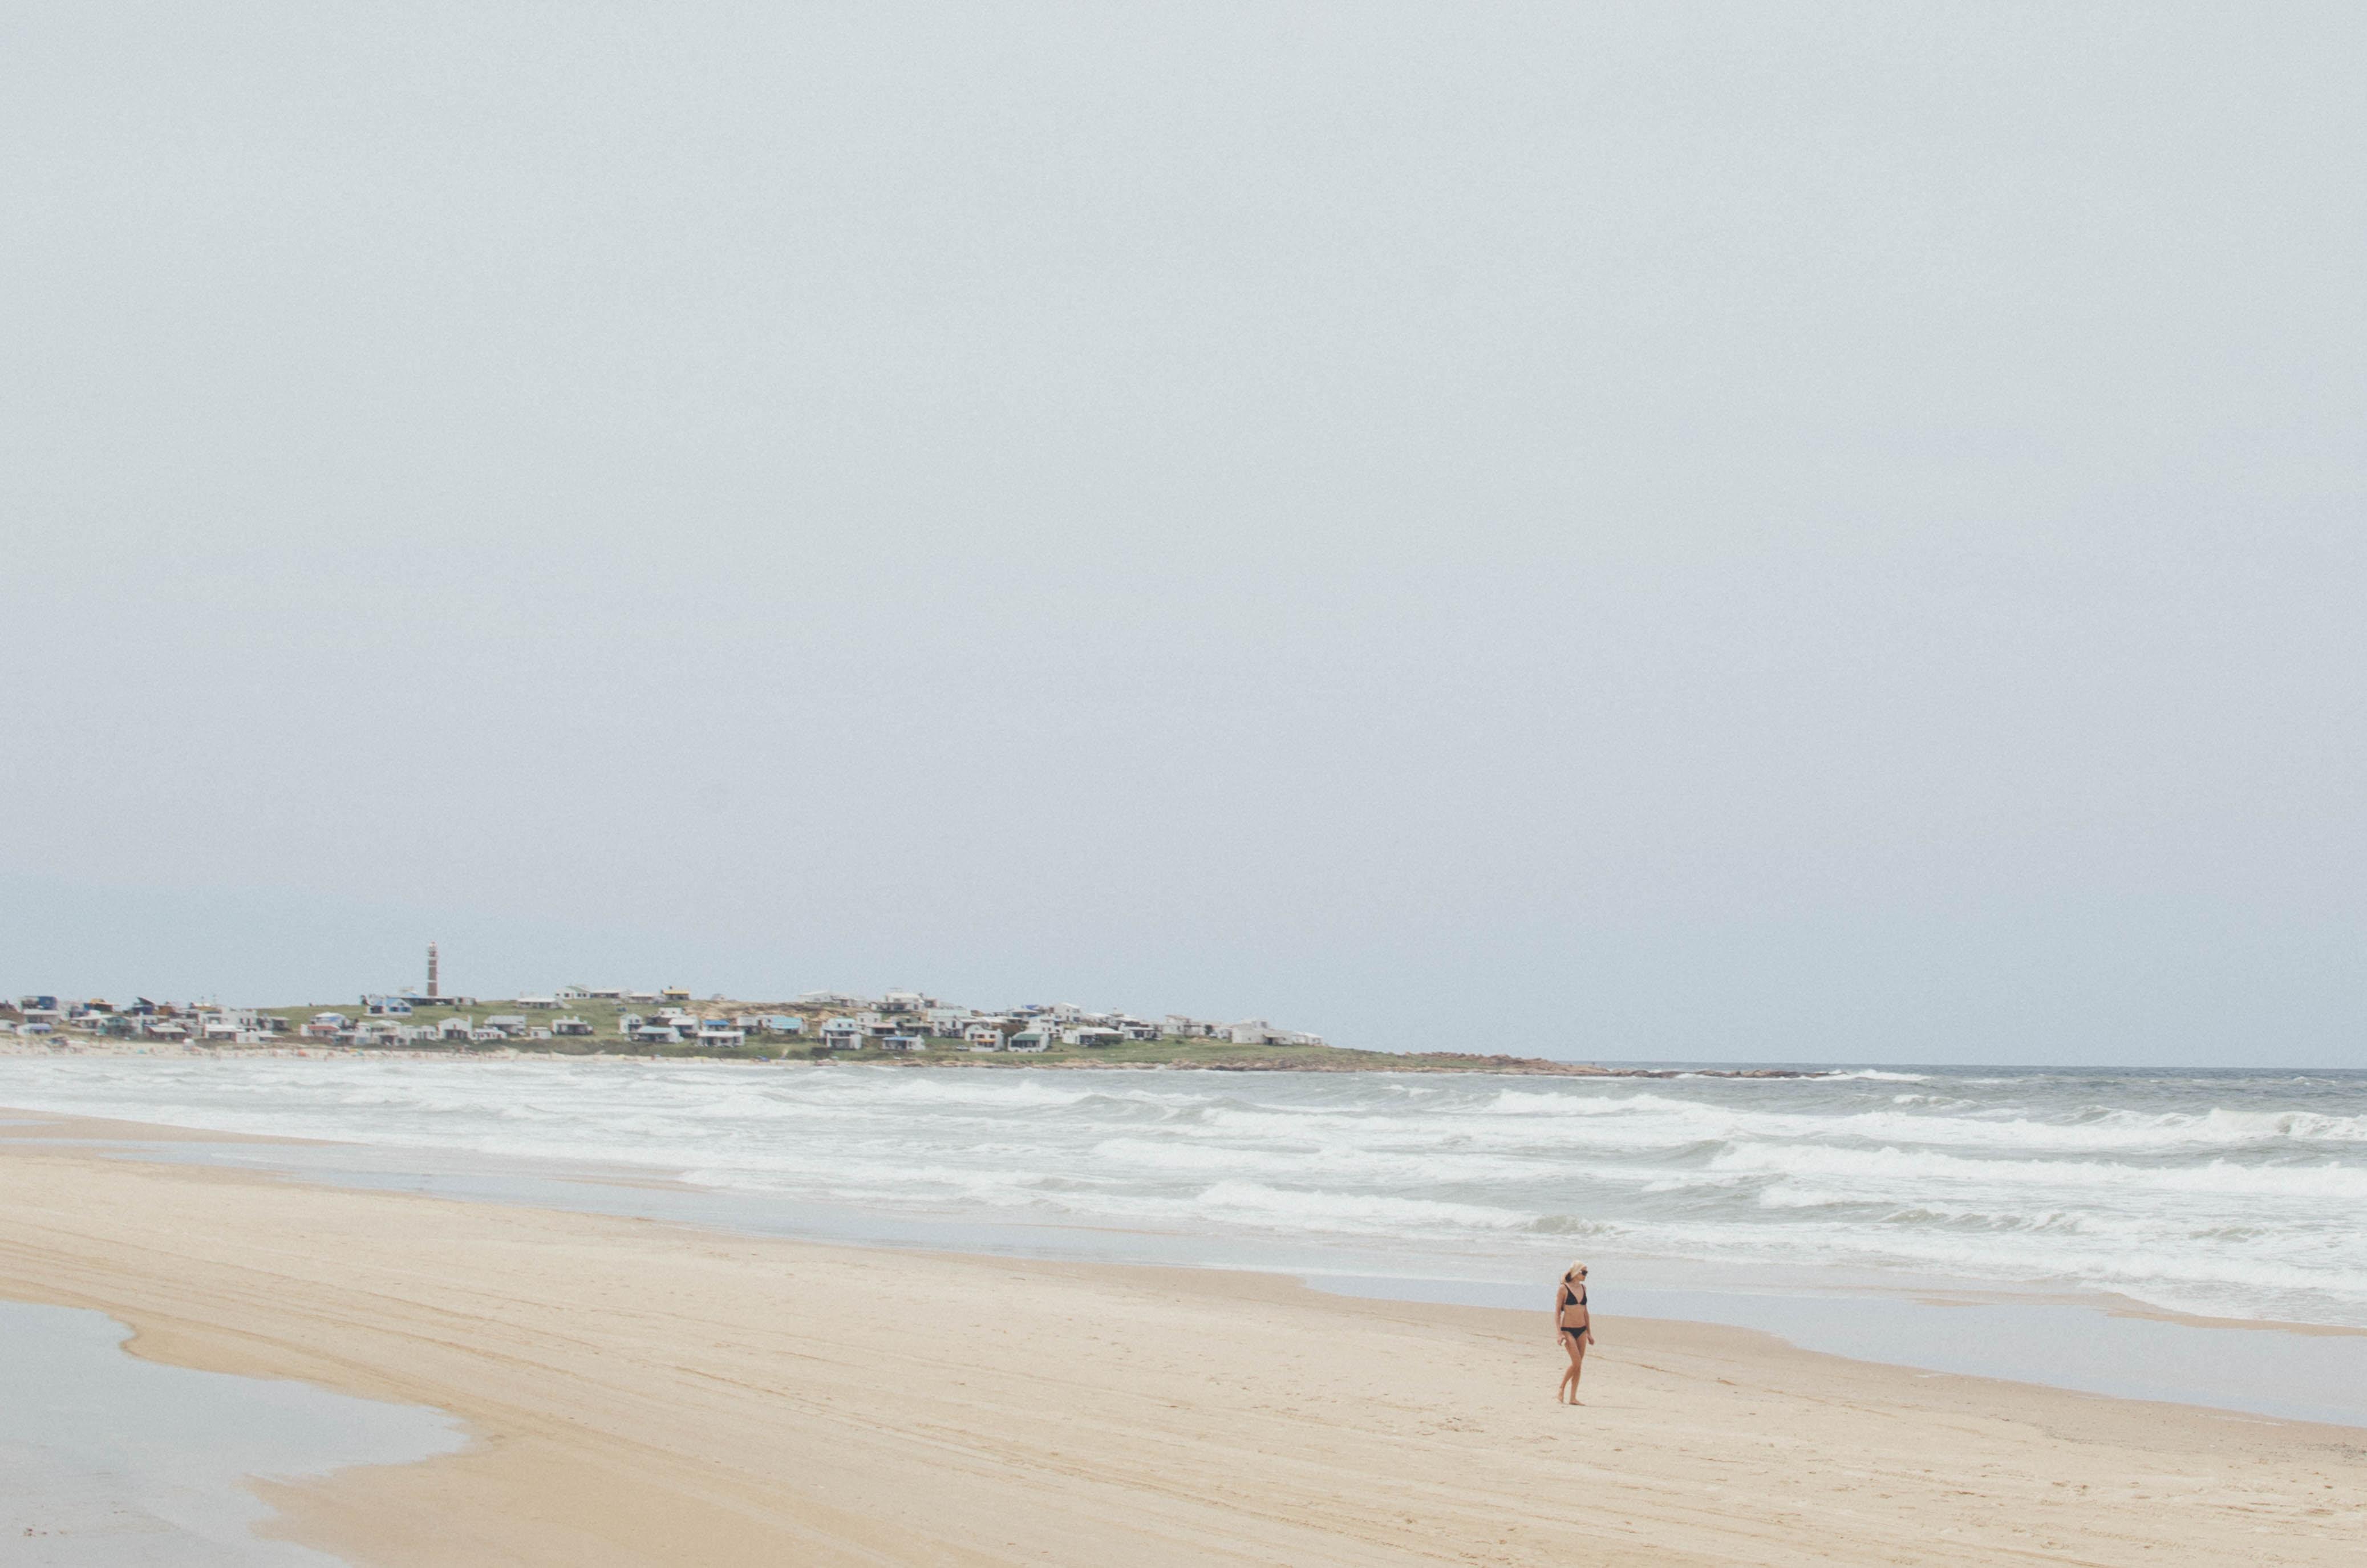 person walking near seashore during daytime